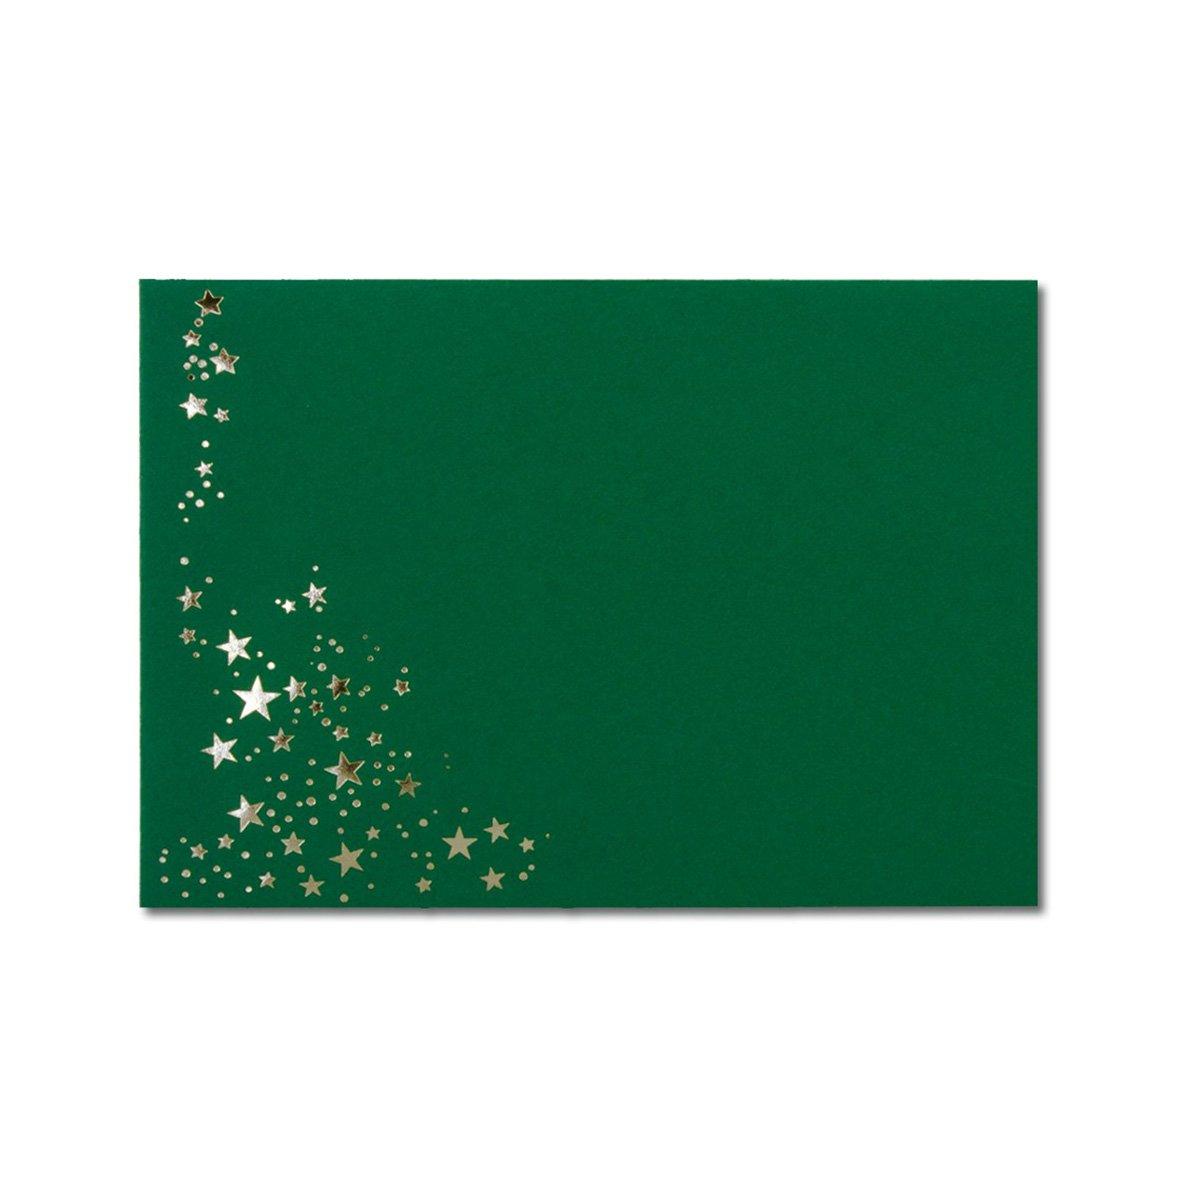 300x Weihnachts-Briefumschläge   DIN C6   mit Gold-Metallic geprägtem Sternenregen  Farbe  Sandbraun  Nassklebung, 120 g m²   114 x 162 mm   Marke  GUSTAV NEUSER® B07CHM3BXX   Verkaufspreis    Gute Qualität    Fierce Kaufen